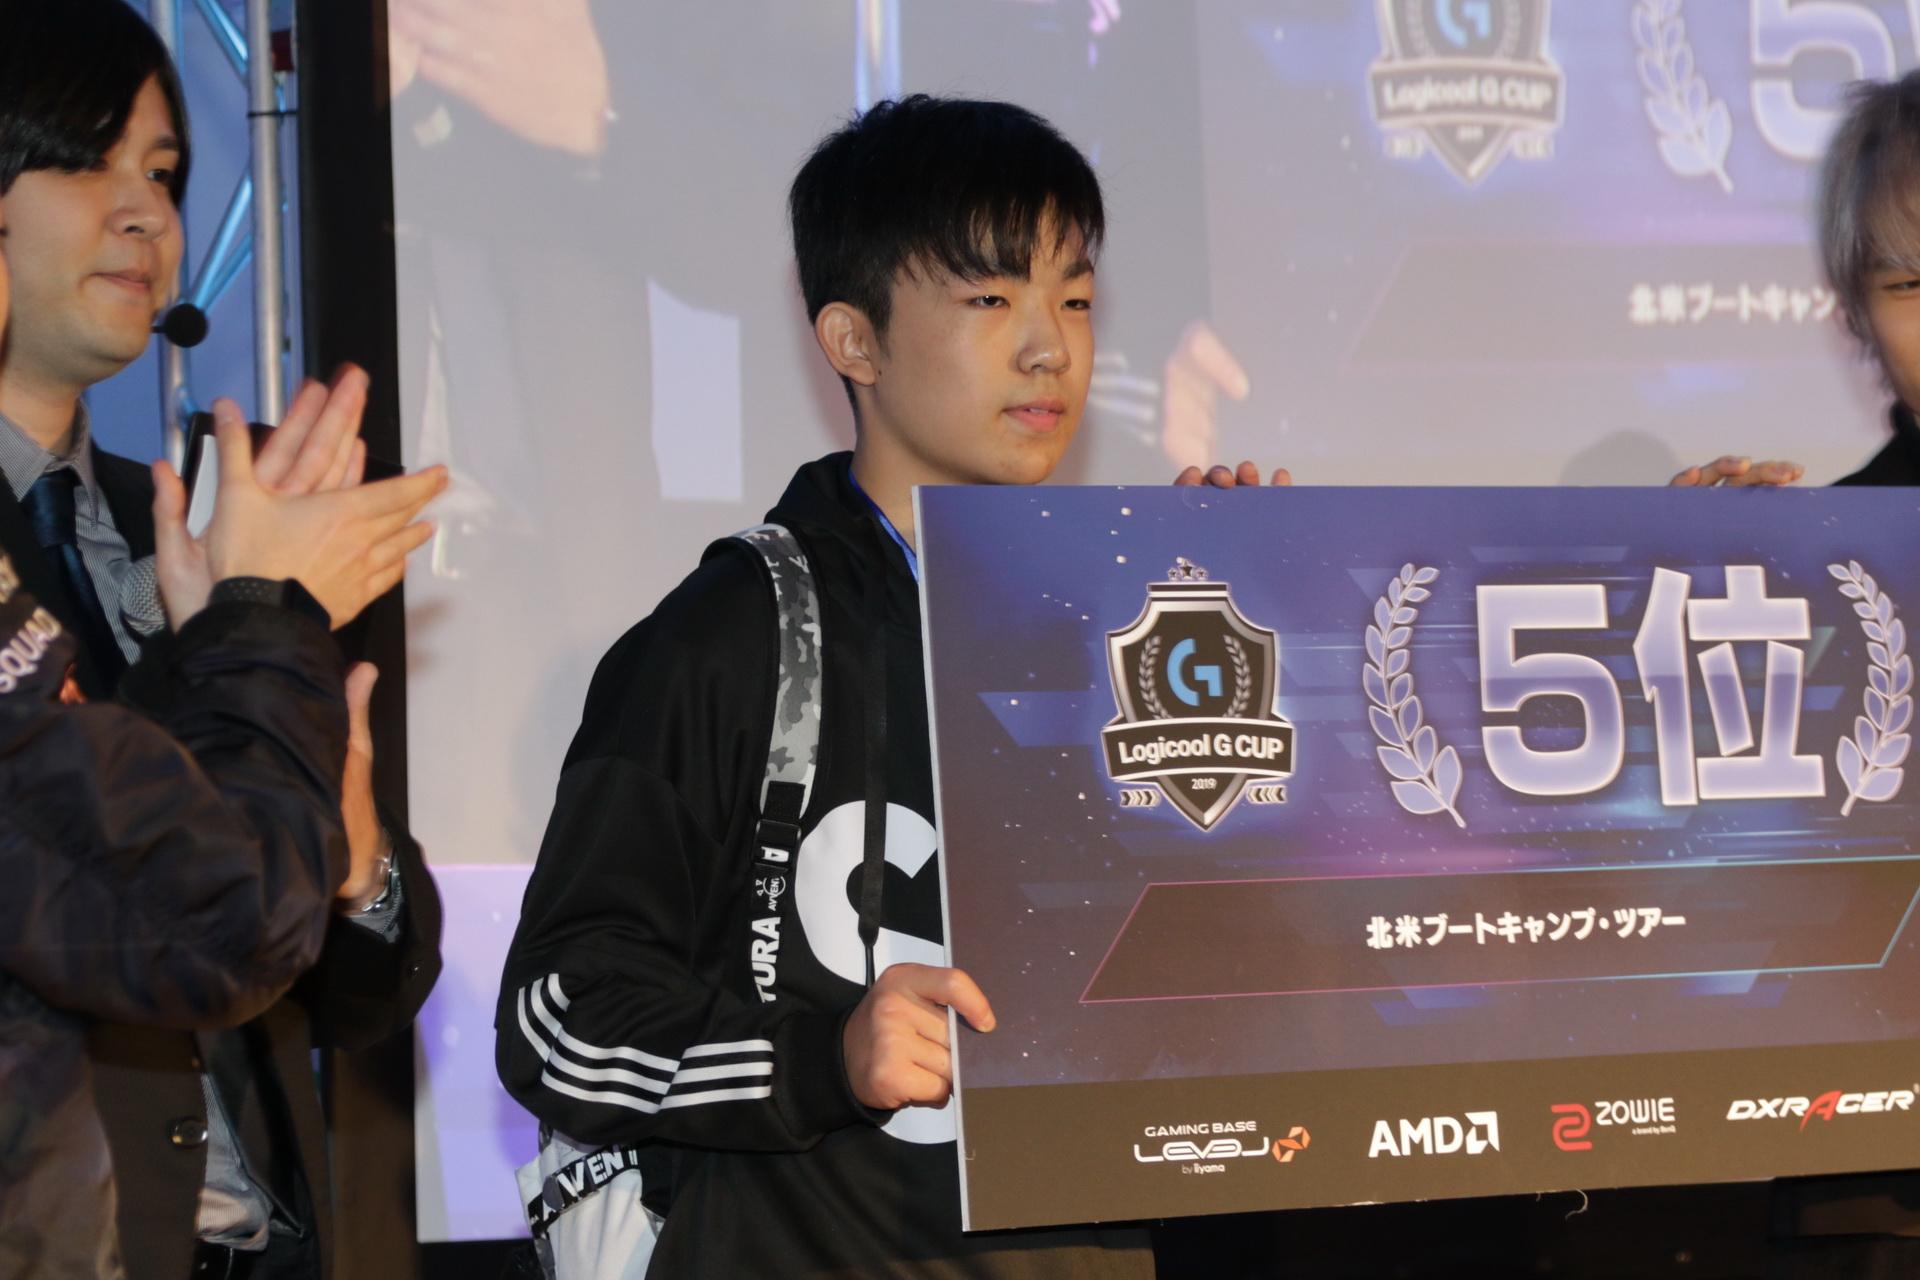 5位のMongraal.jp選手